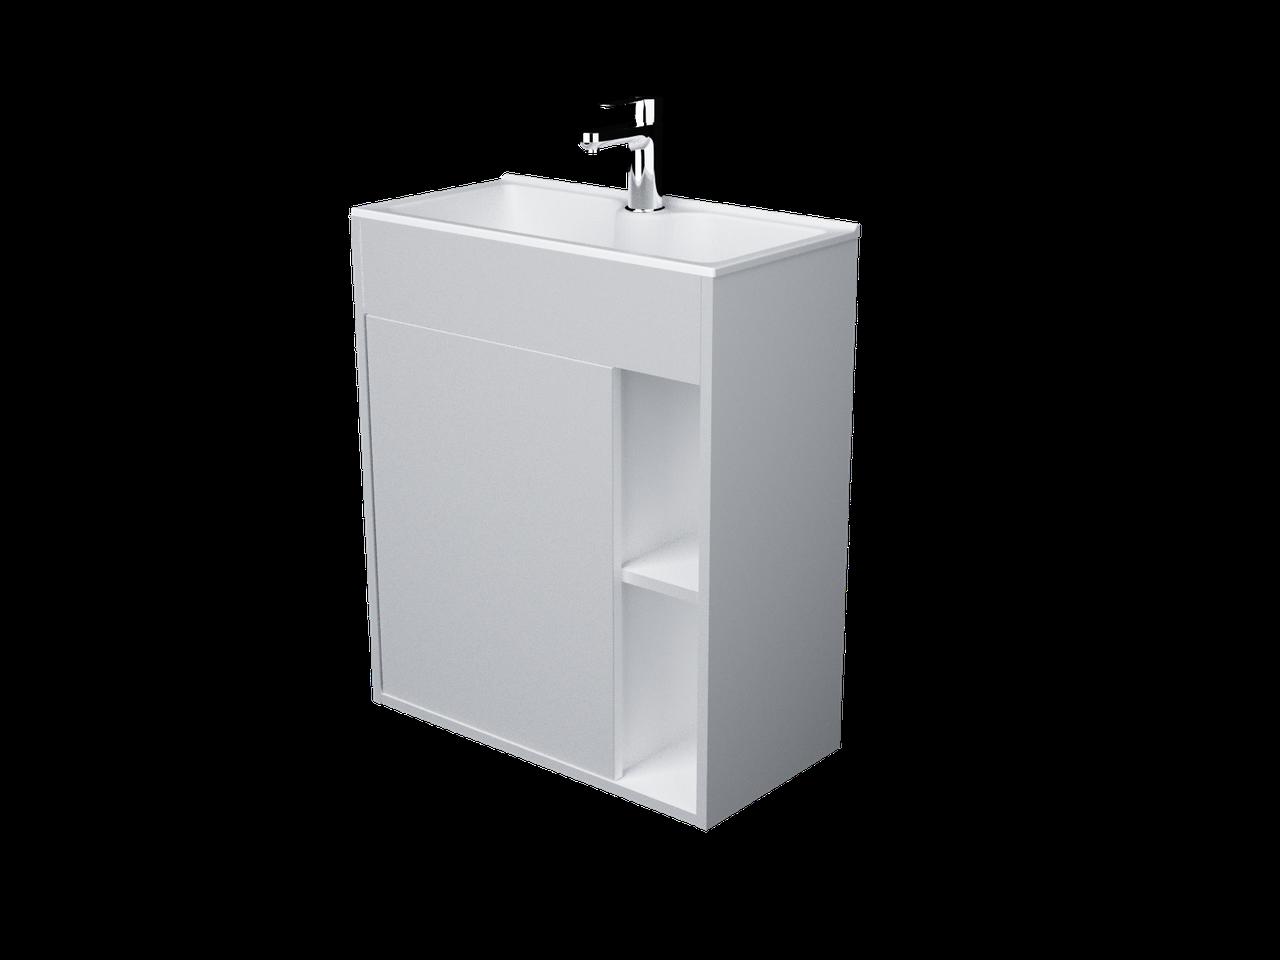 Тумба с раковиной Lido 60 см 1Д.. подвесная (1 дверка). Белый глянец